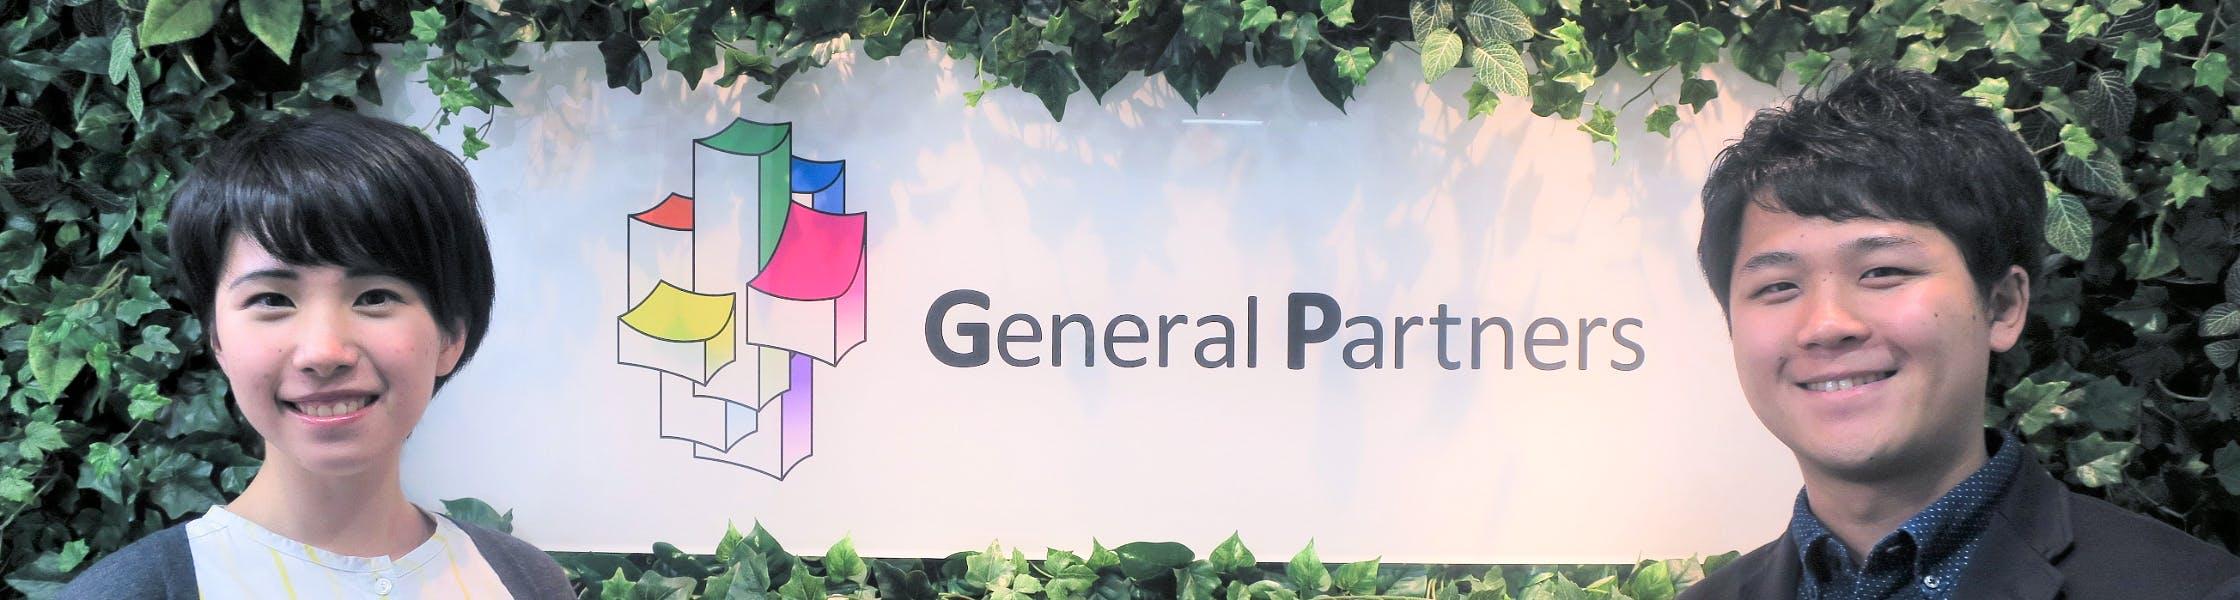 Generalpartners 1120x300 2x.jpg?ixlib=rails 3.0